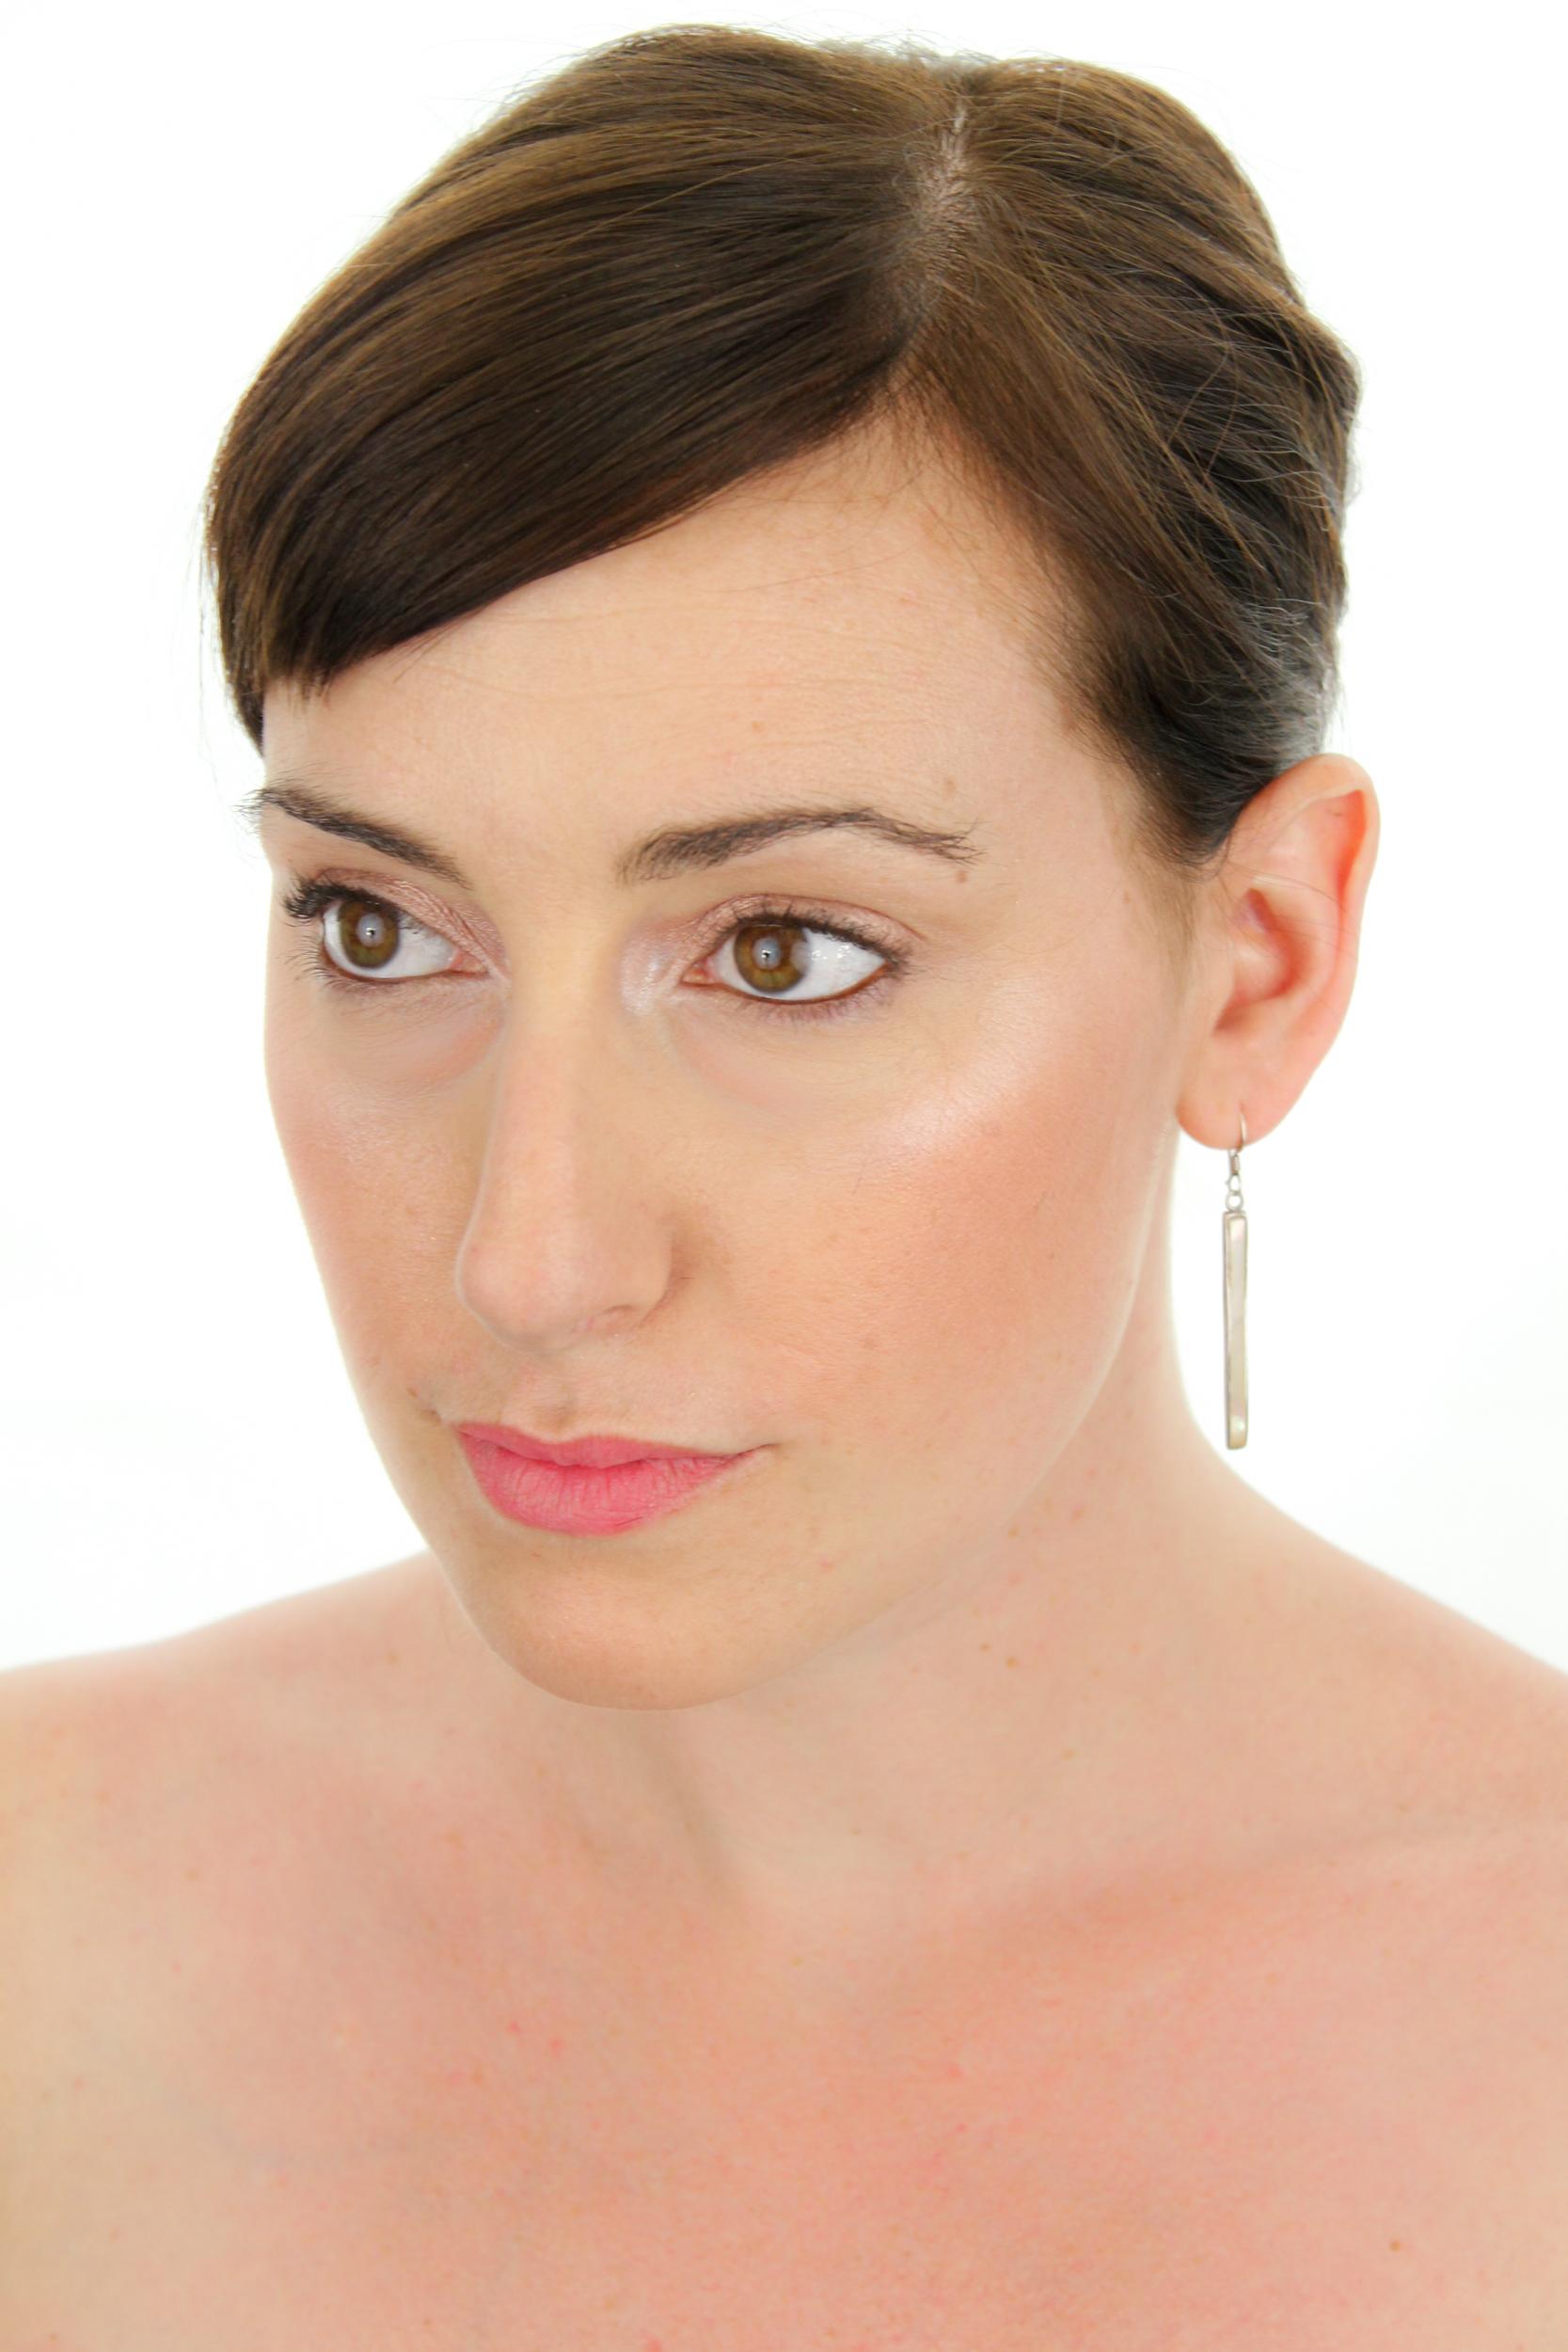 Jessica Cullingham